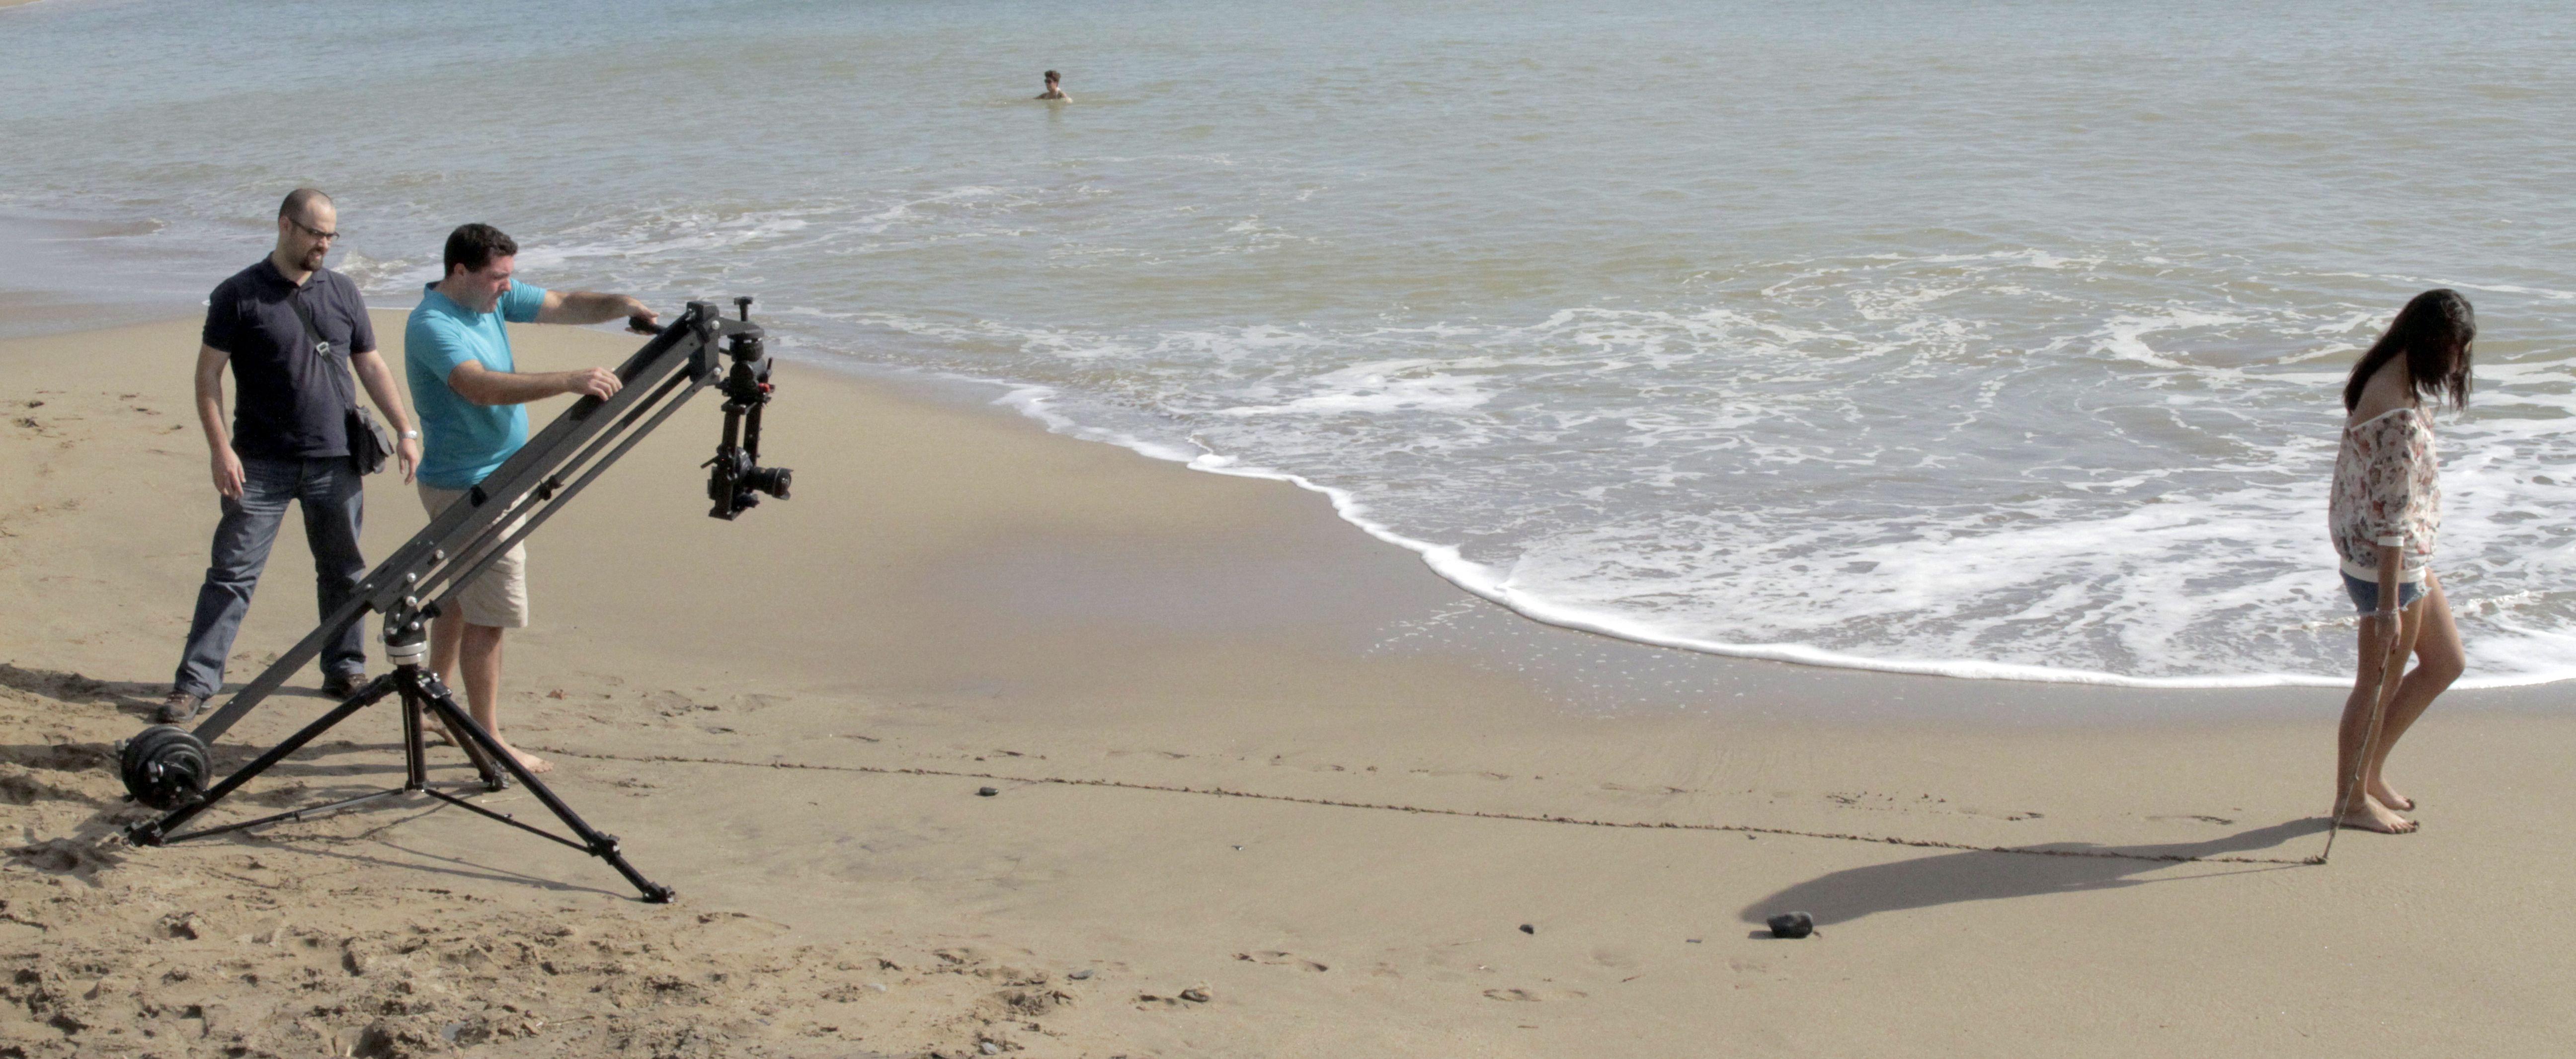 Rodando en la playa